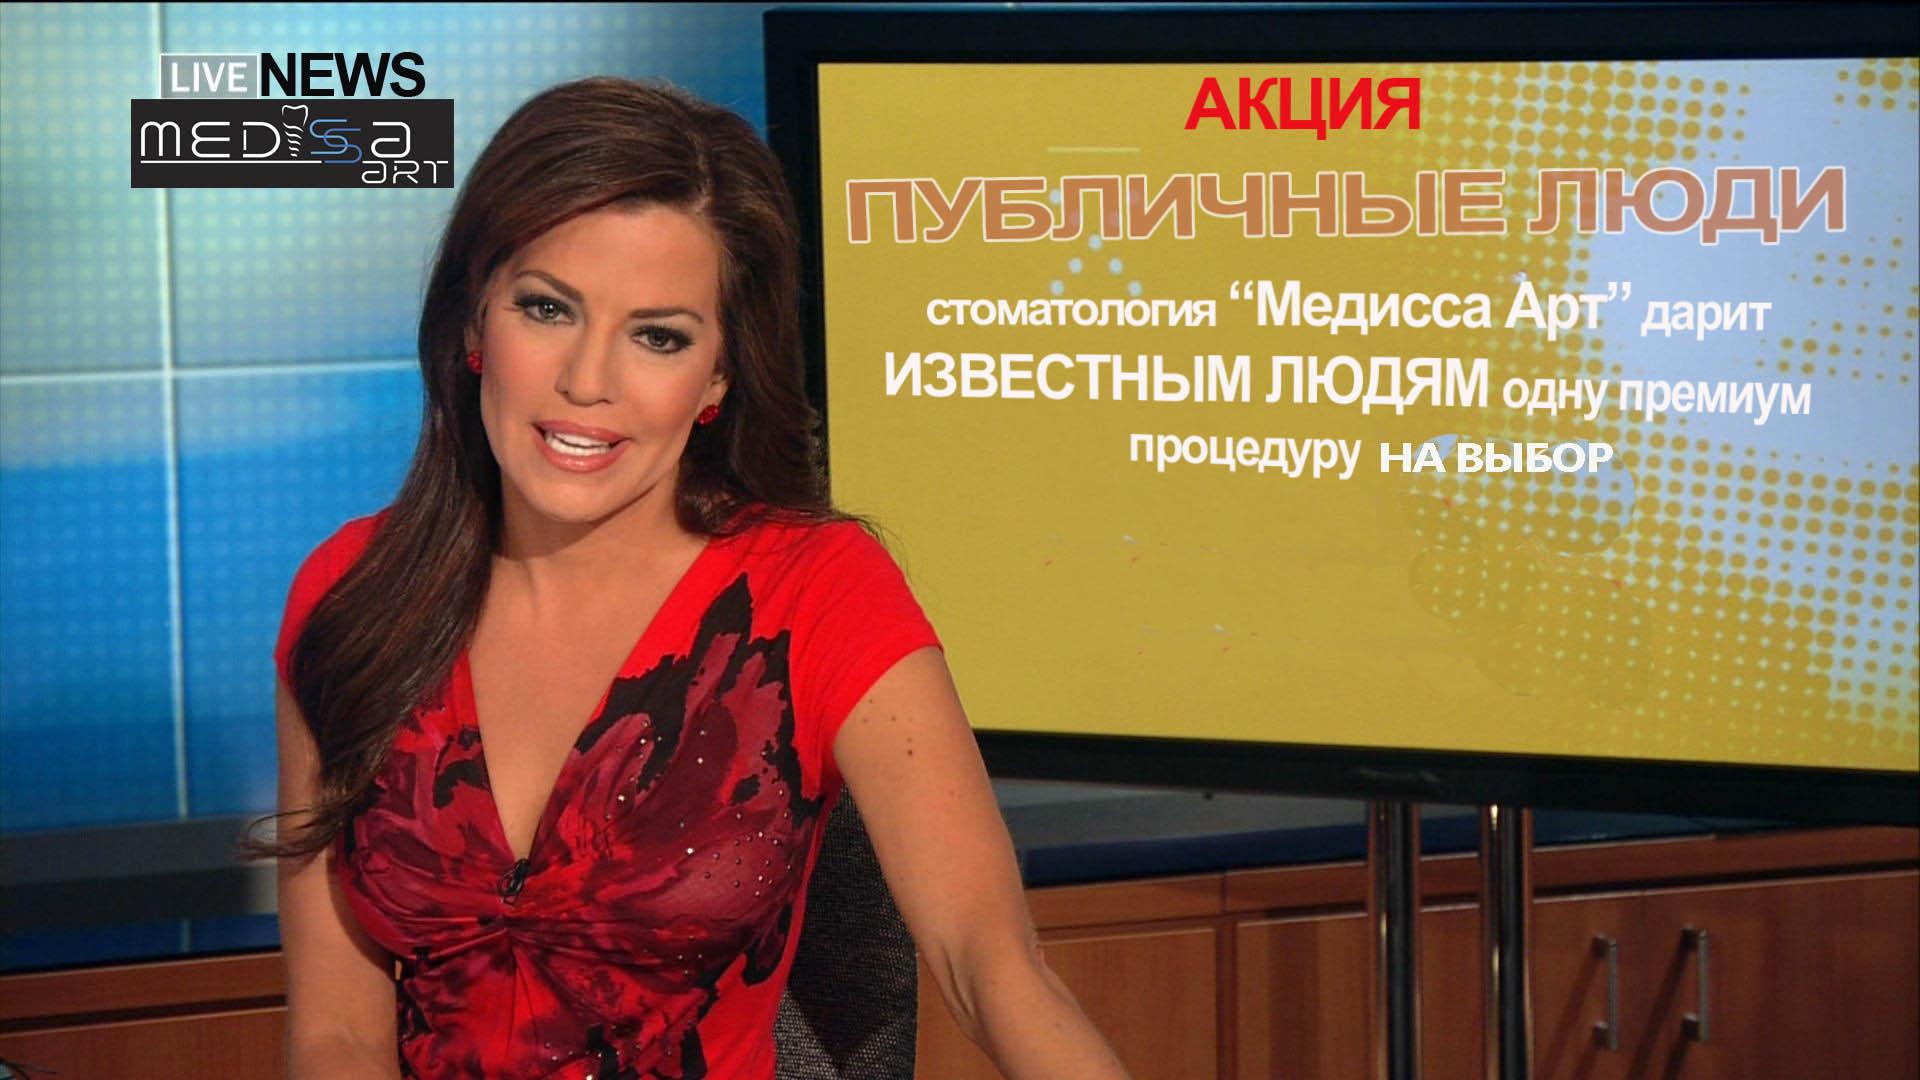 акции медисса